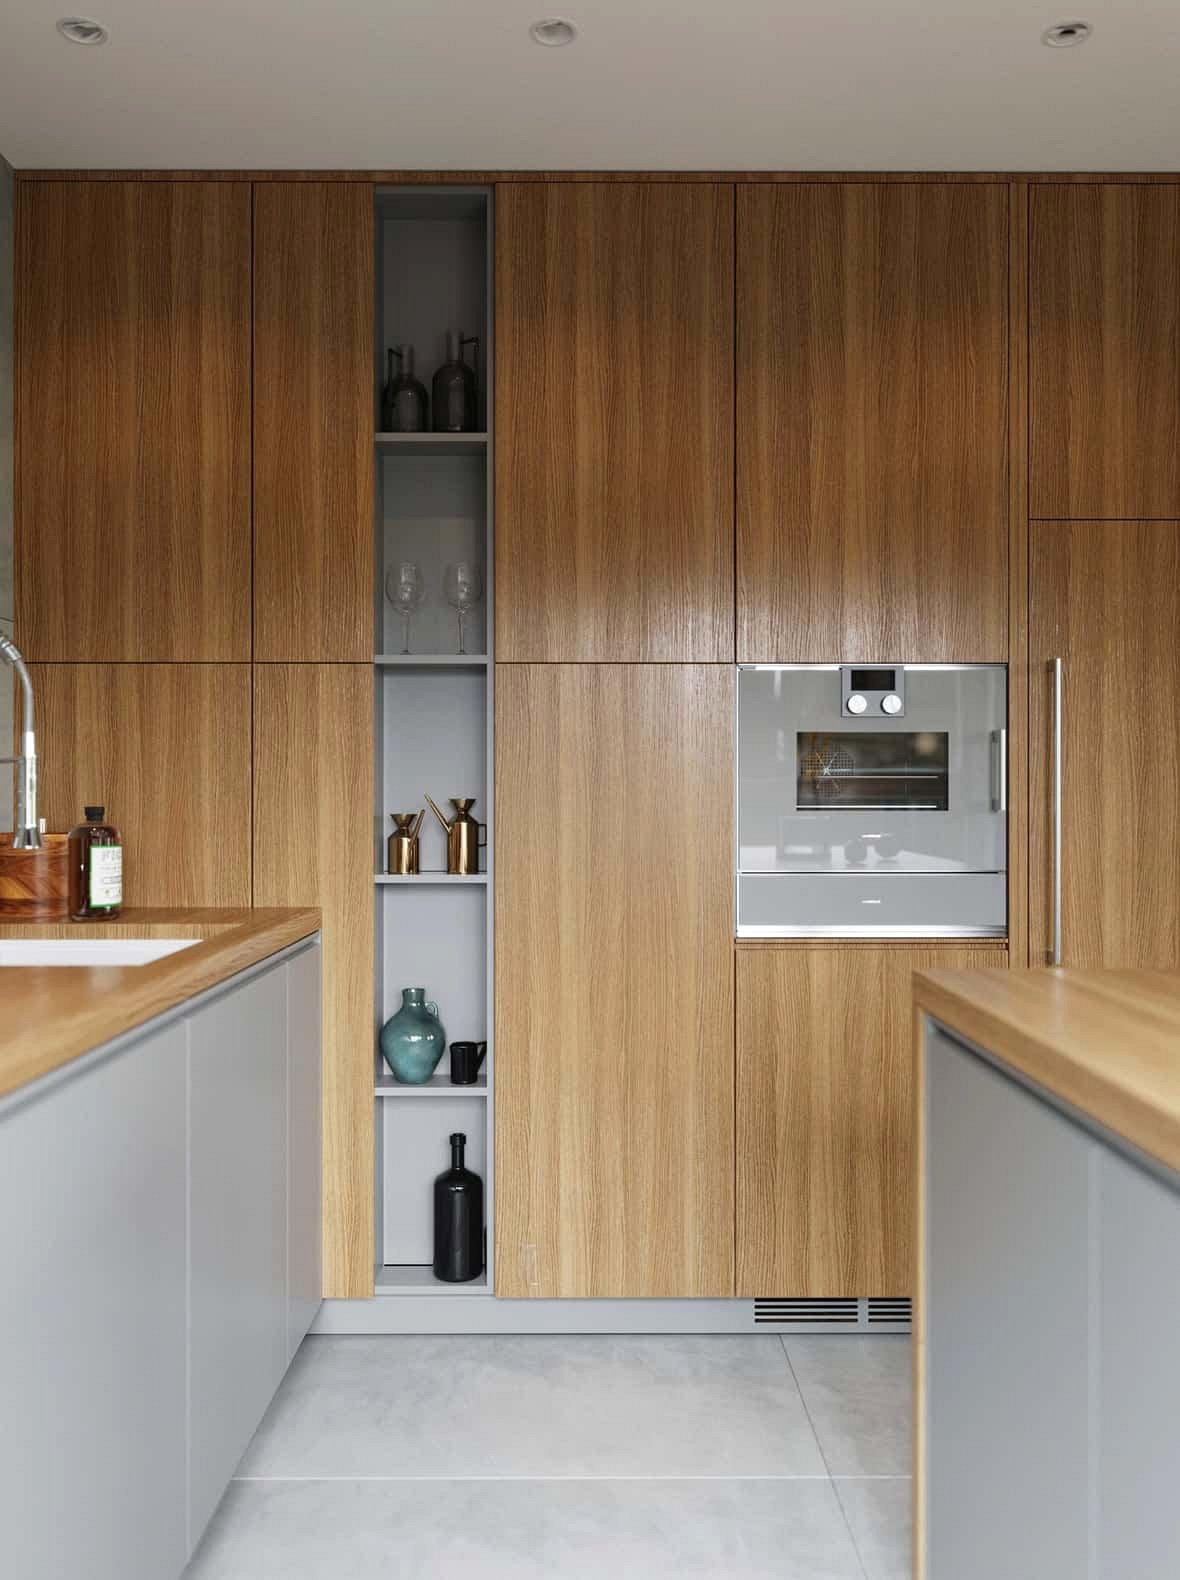 Nhà bếp rộng rãi có không gian lưu trữ trong các tủ lớn.